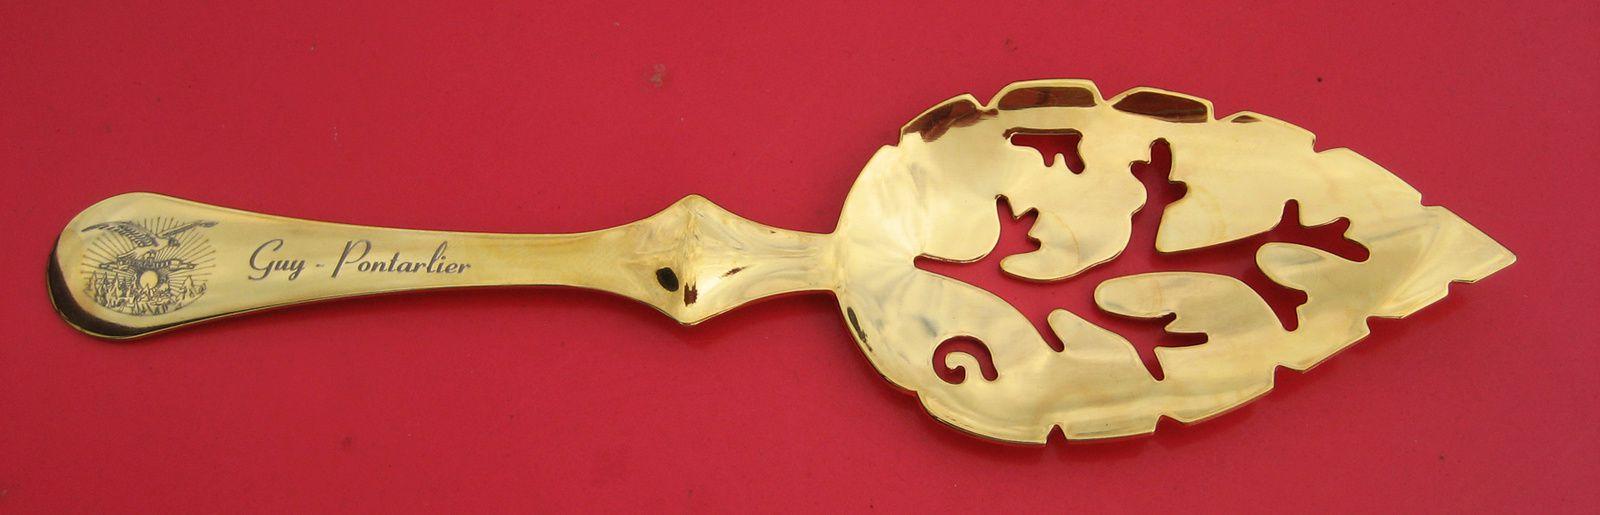 Inox et vermeil (tirage limité). A noter le logo de la Maison représentant l'aigle survolant les sapins. Guy-Pontarlier.